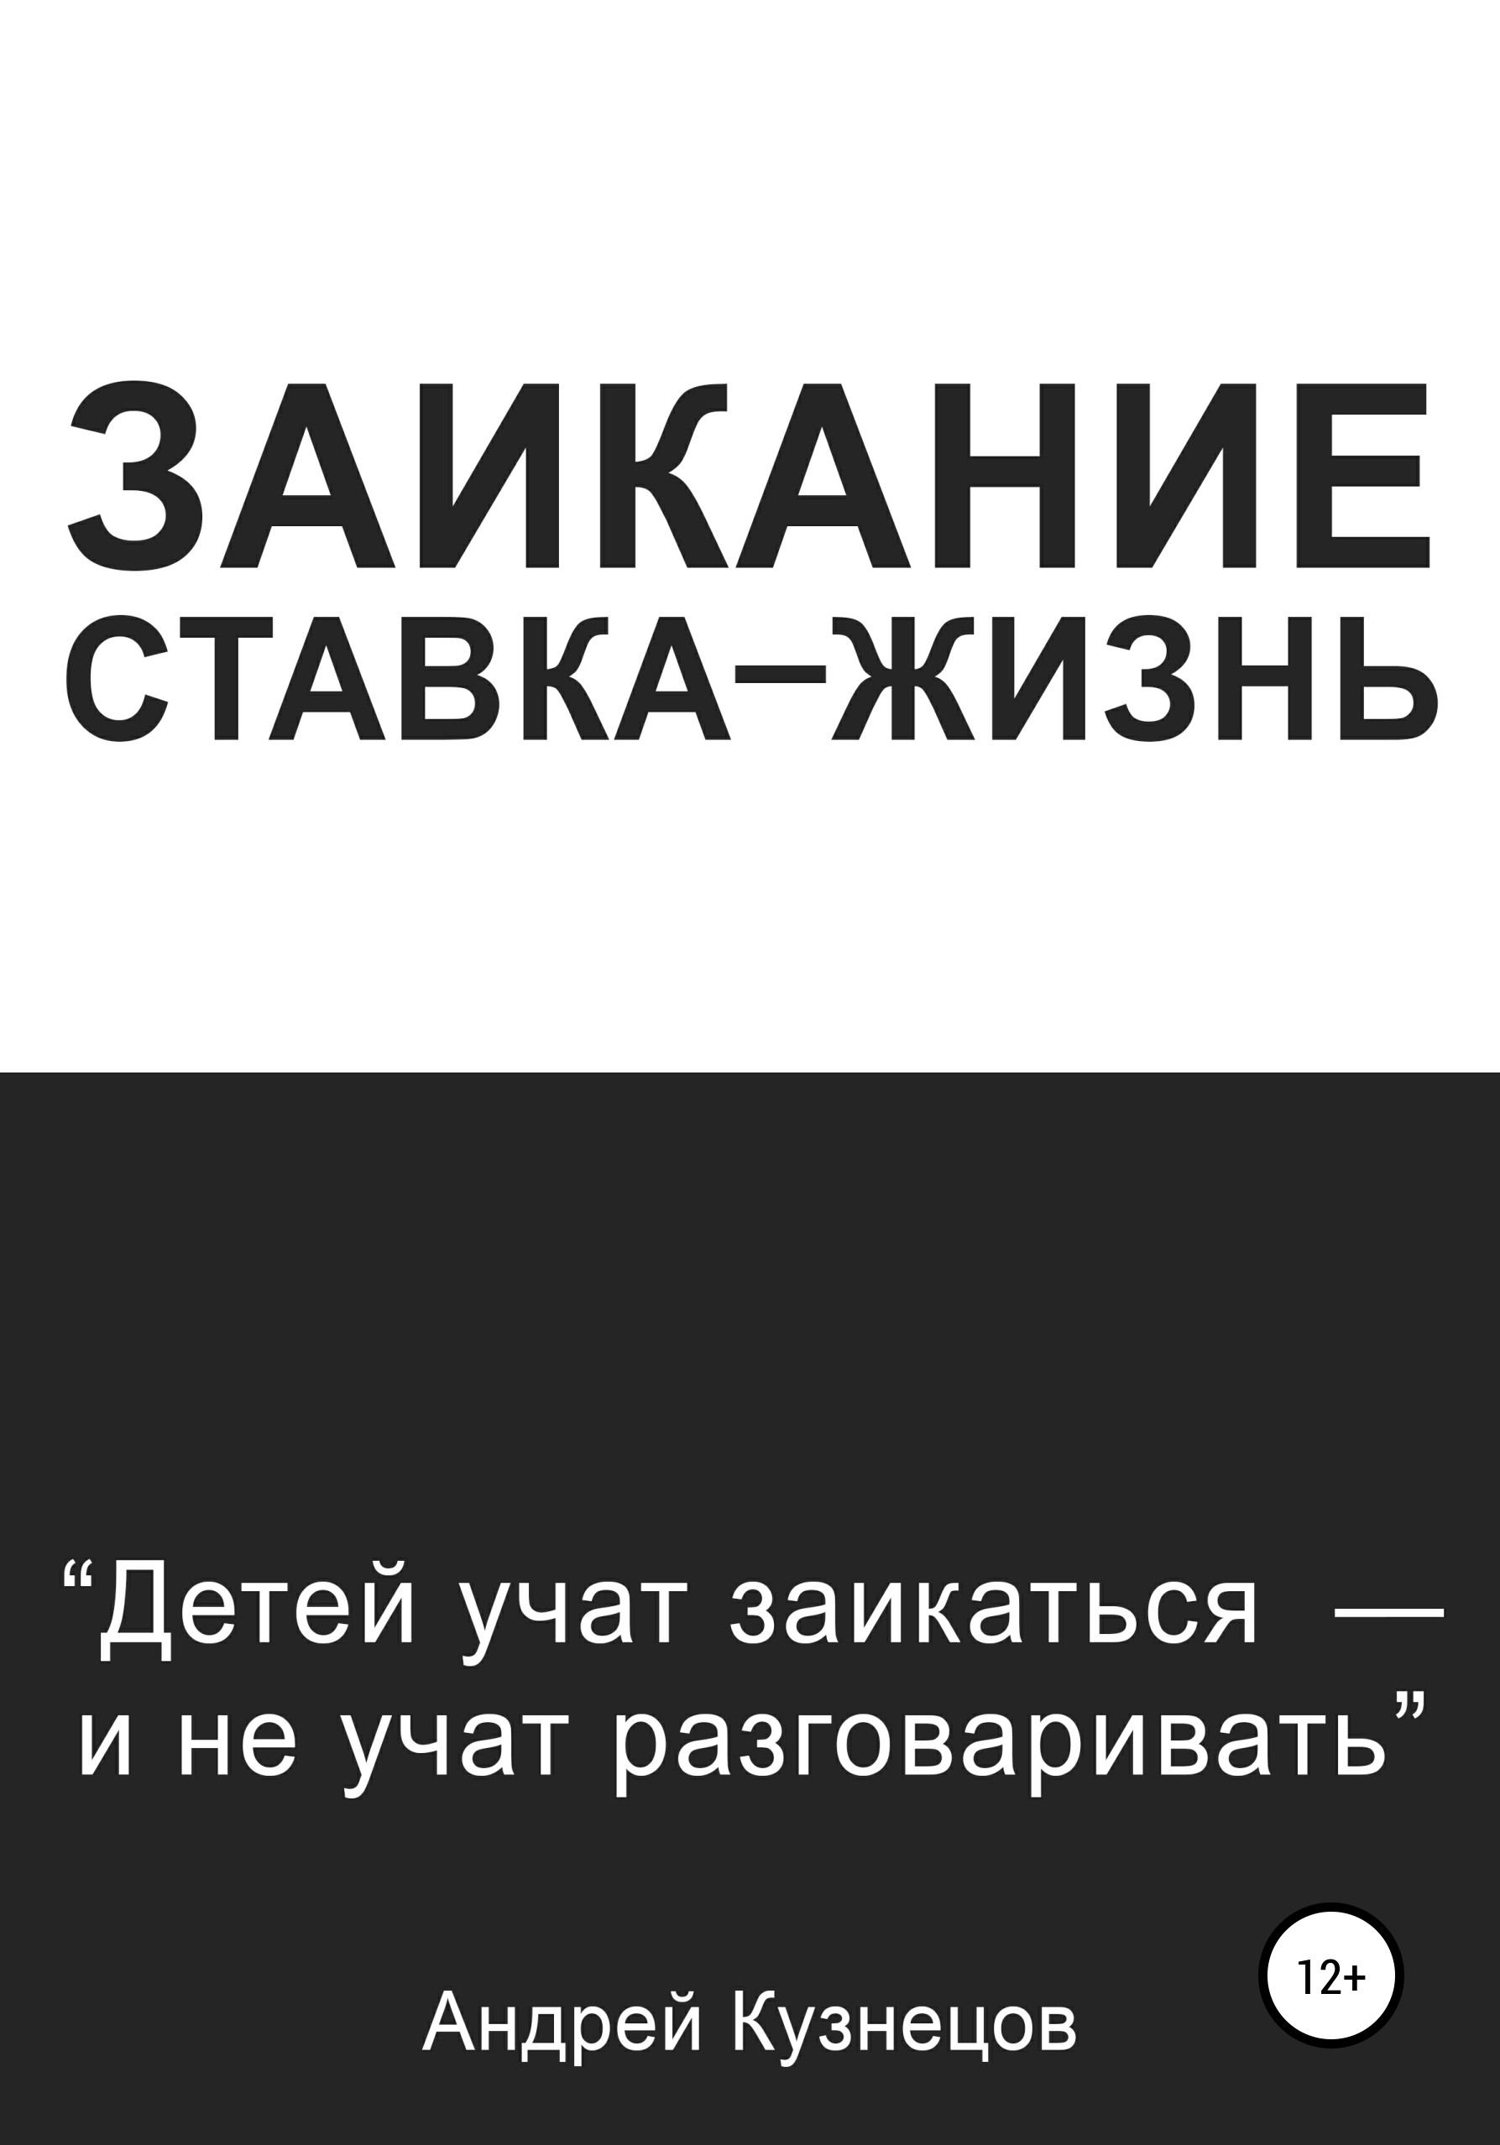 Андрей Кузнецов Заикание: ставка-жизнь